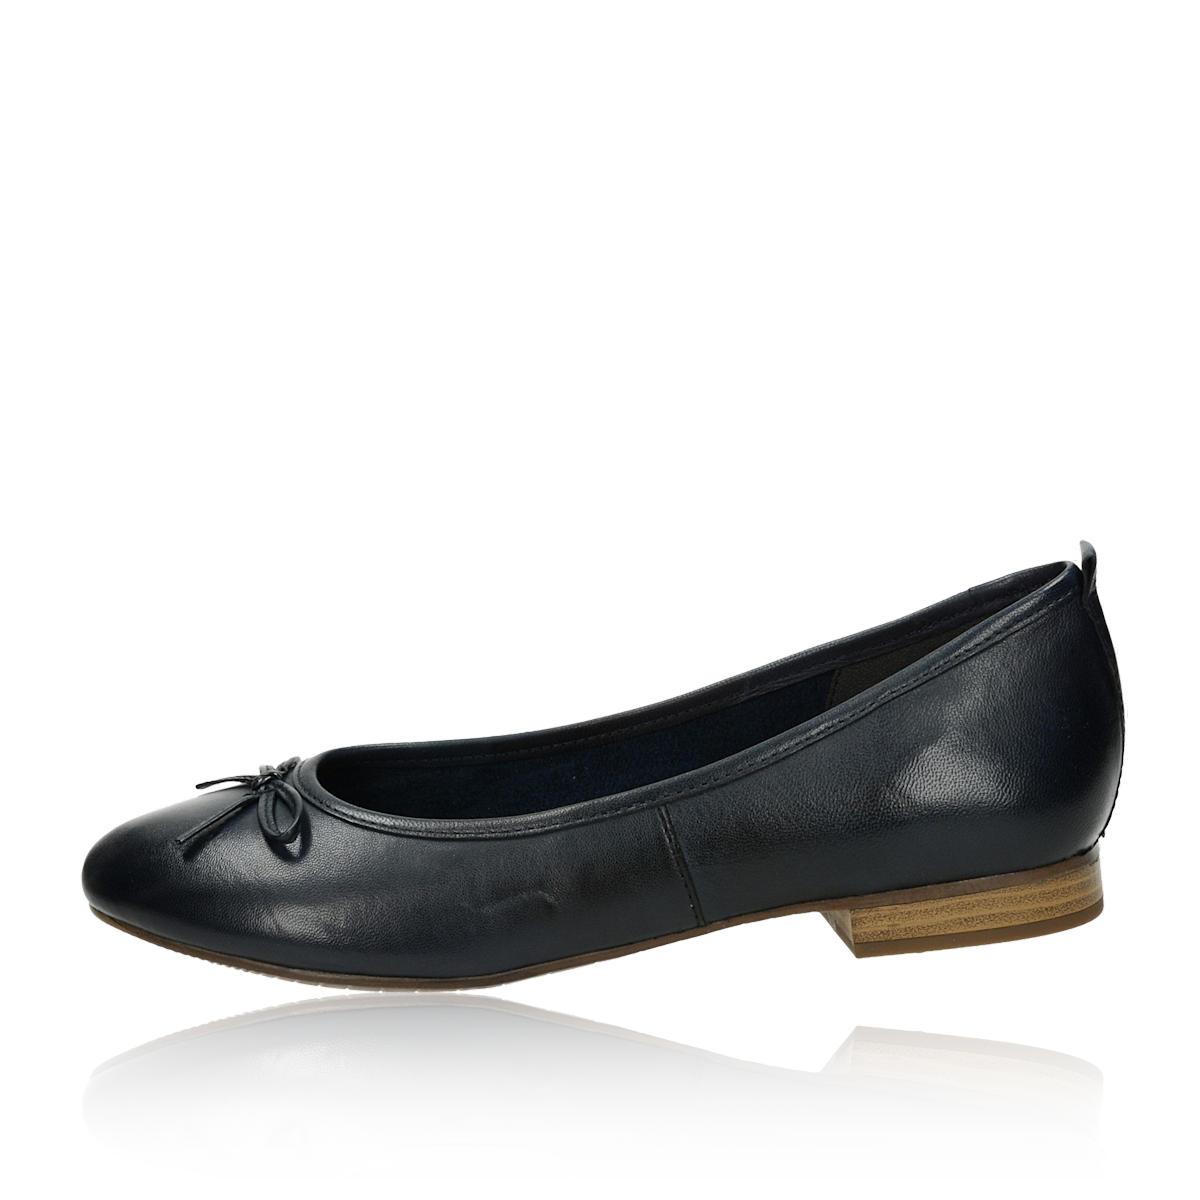 Tamaris dámské pohodlné balerínky - tmavomodré